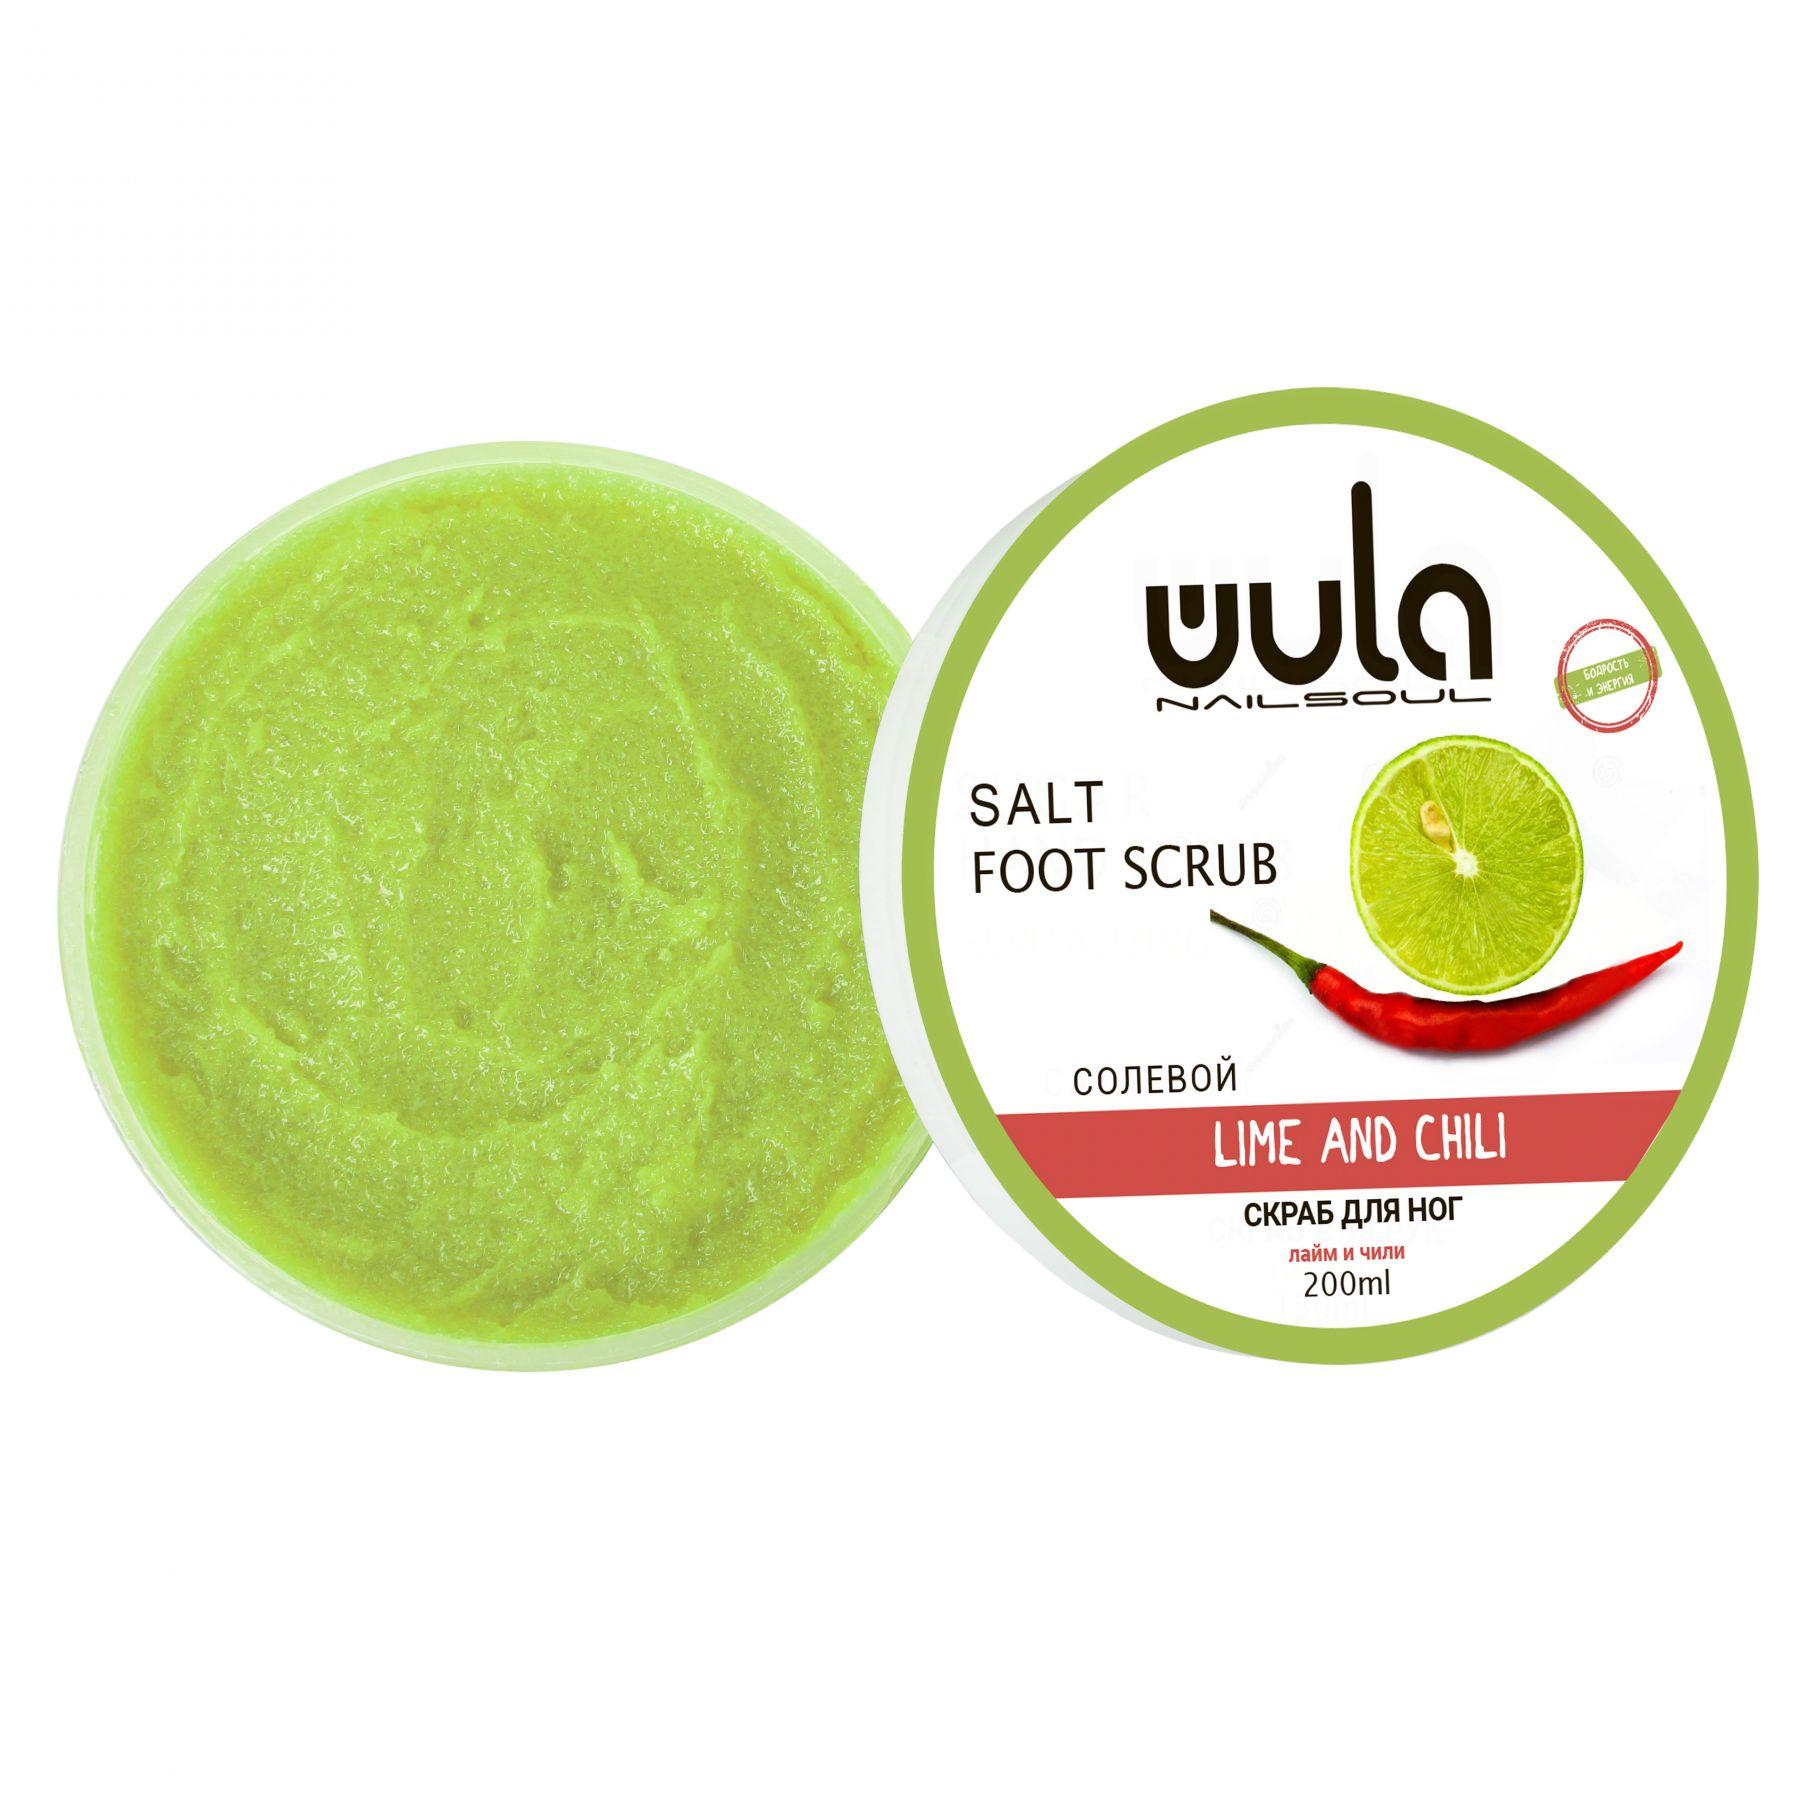 Купить Wula nailsoul солевой скраб для ног Лайм и чили 200 мл